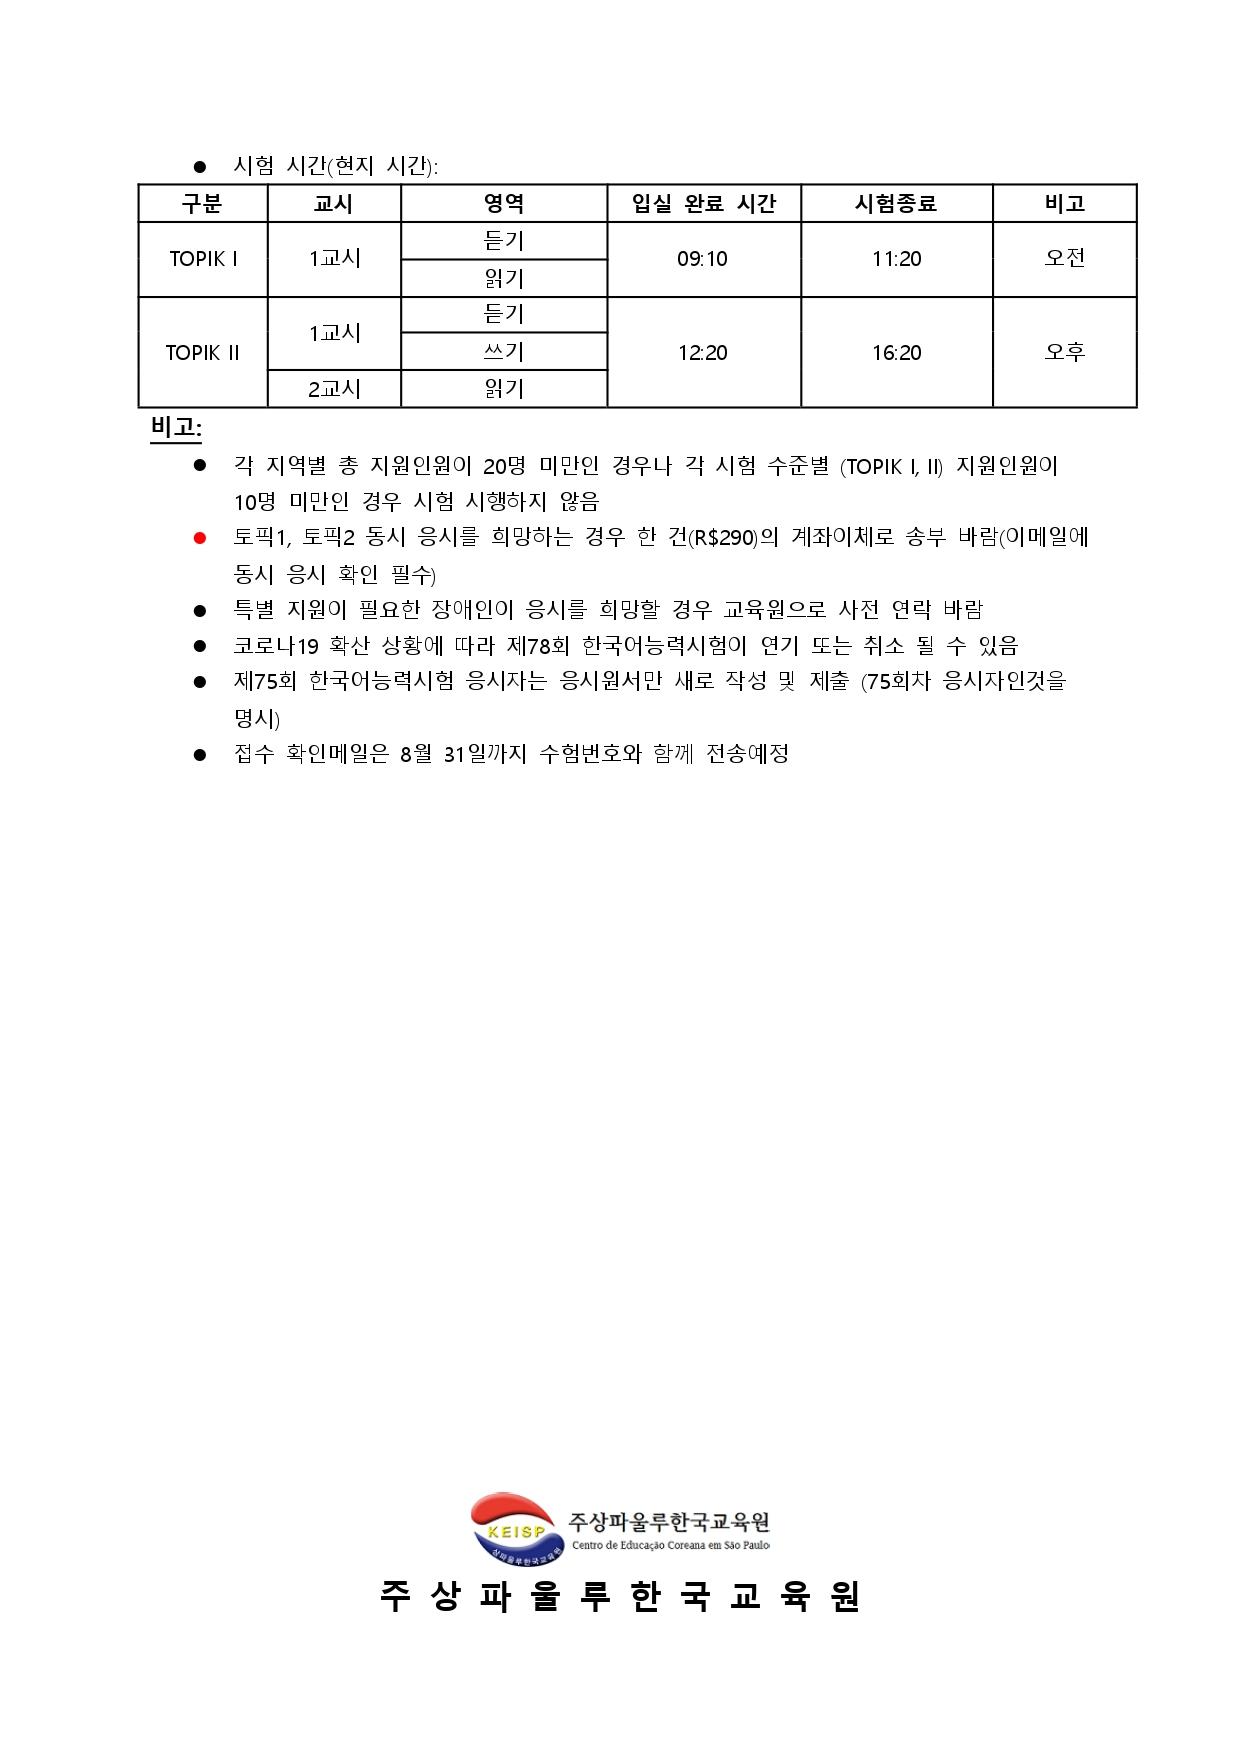 제78회 한국어능력시험 응시 공고_page-0002.jpg